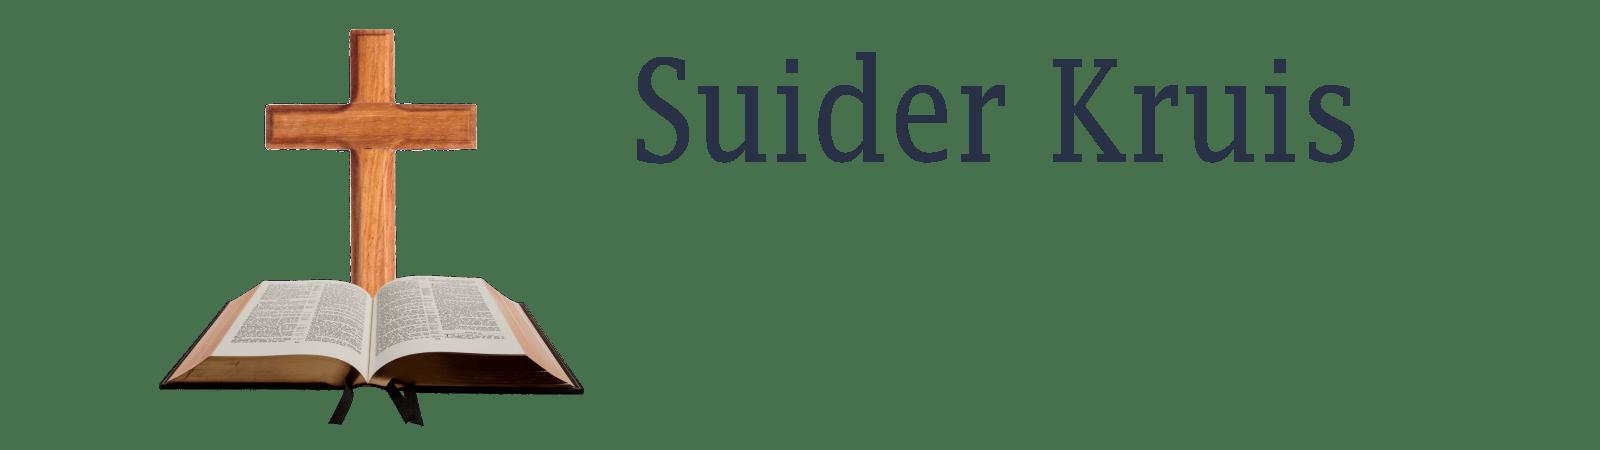 Suider Kruis Logo